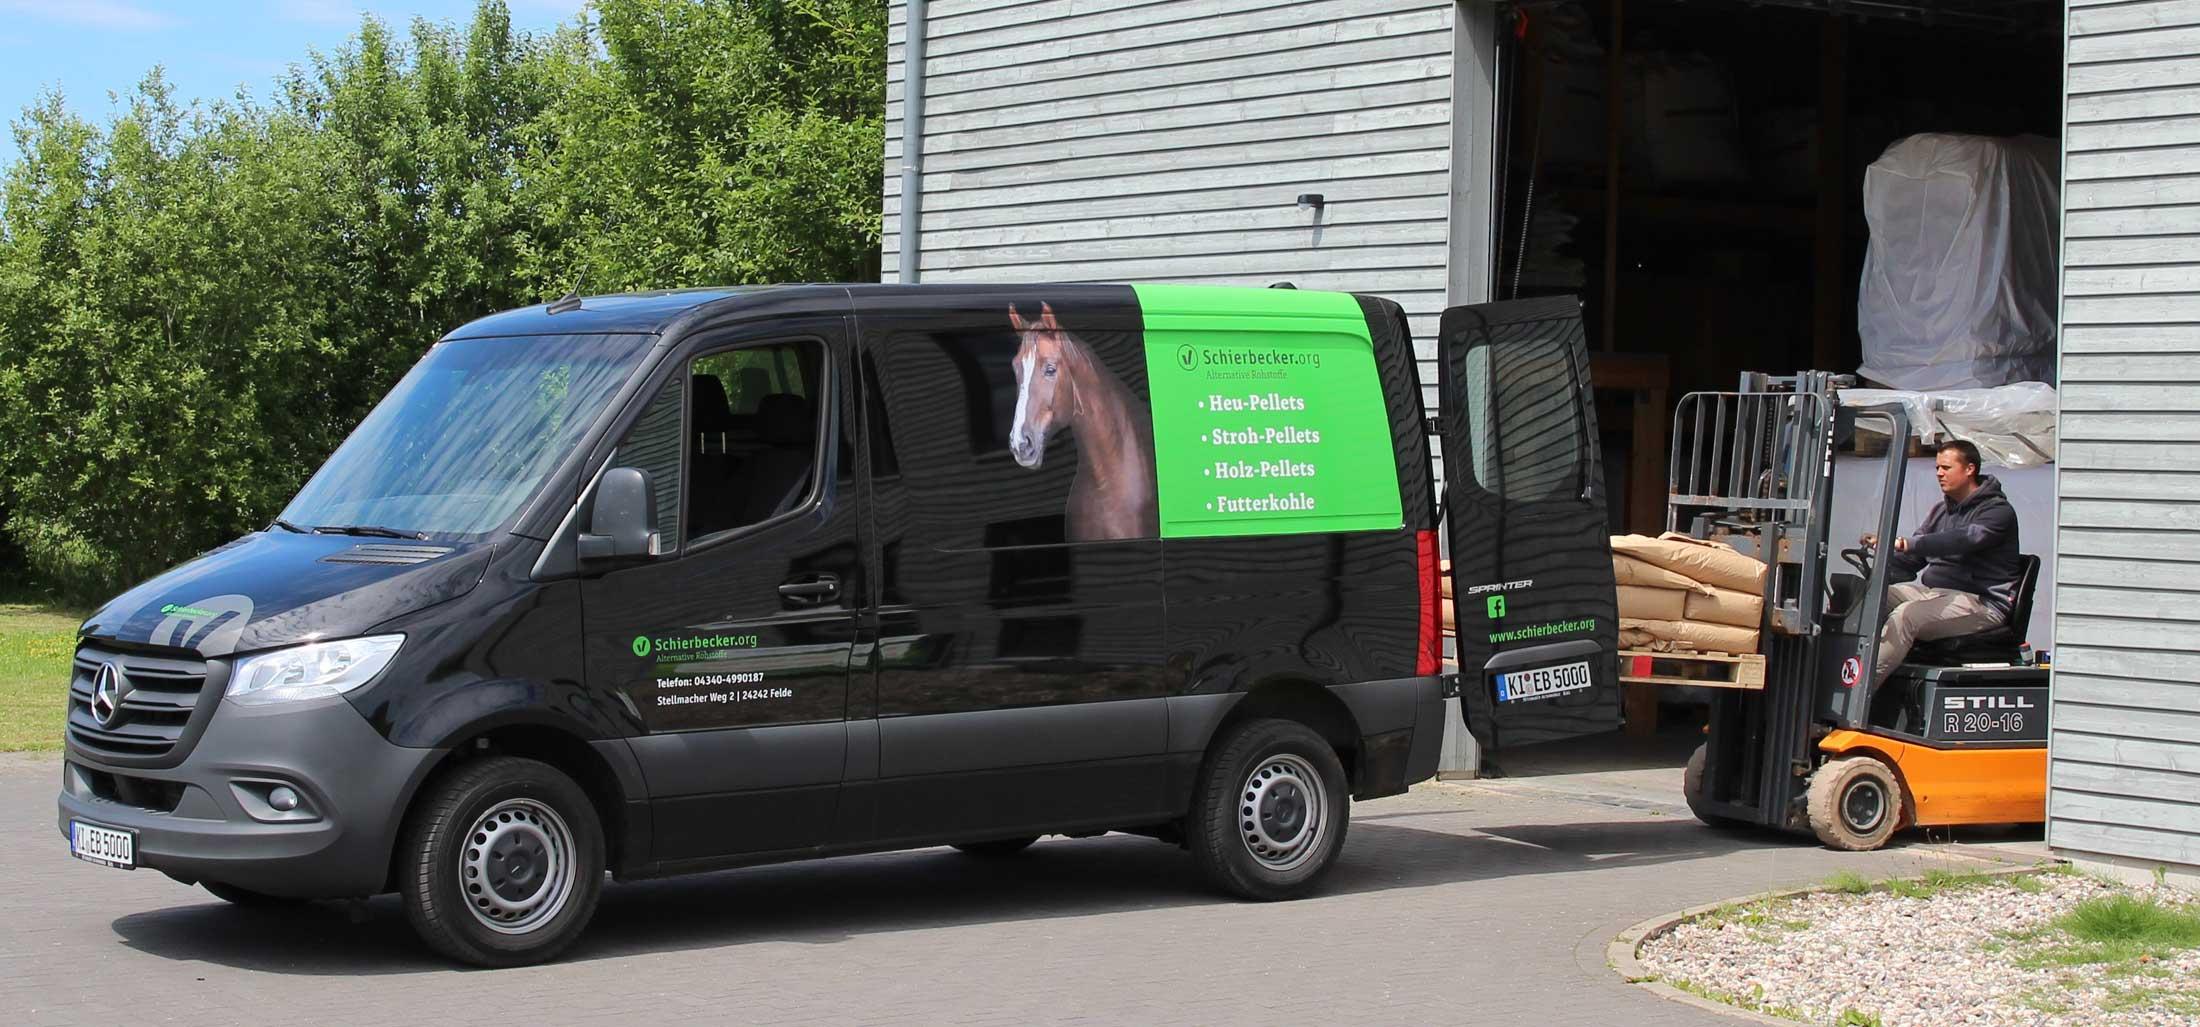 Lieferwagen-Schierbecker beim beladen von Pferdefutter